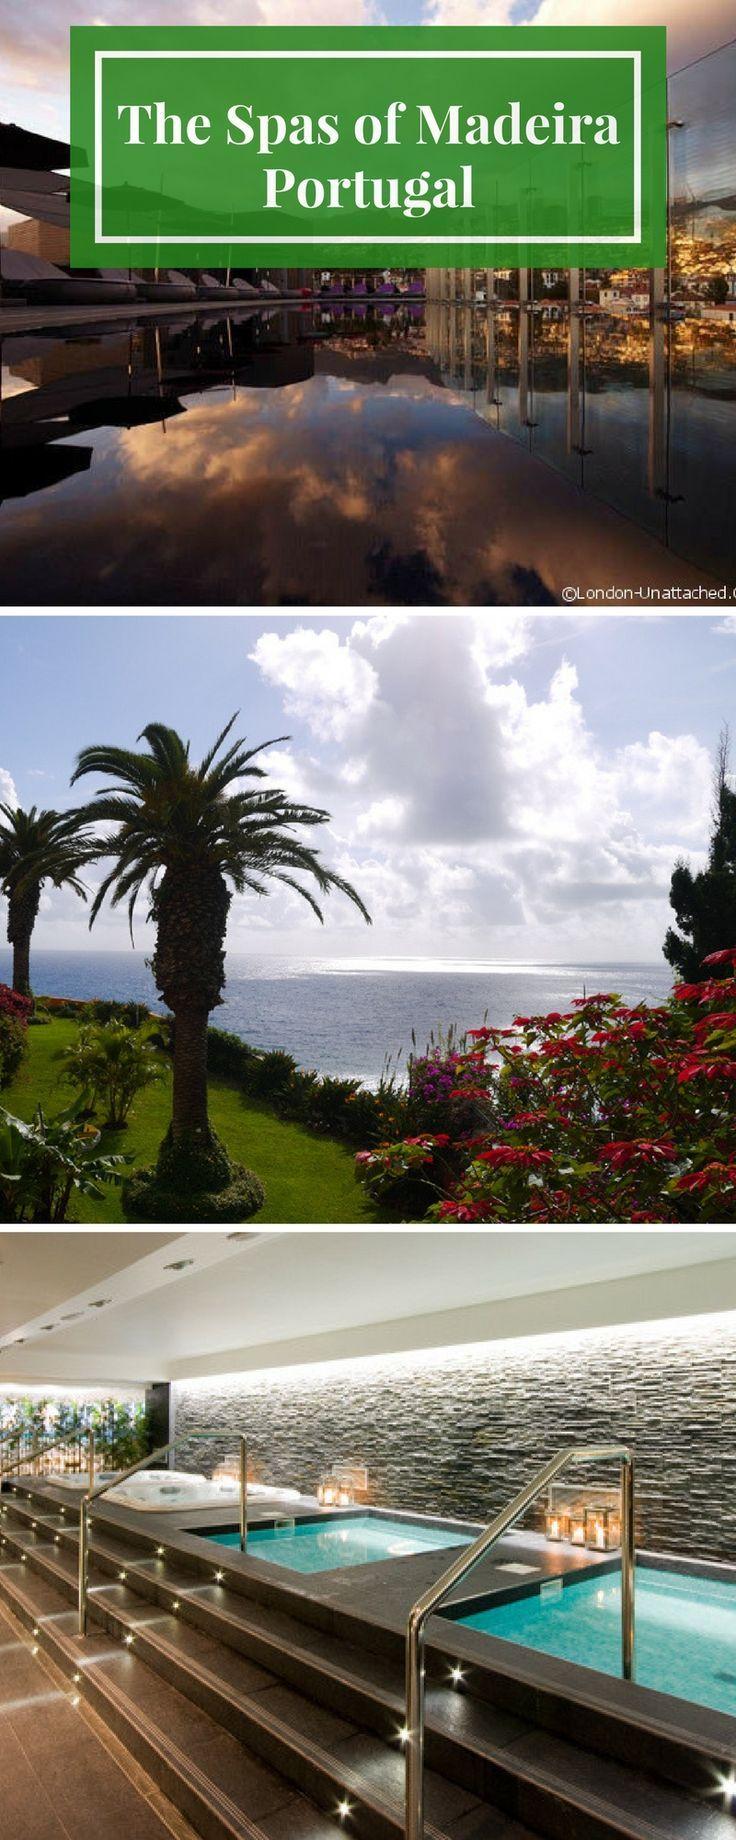 Madeira Spa Trip | Madeira Portugal | Madeira Health and Well Being | Madeira Portugal Spa | Spa Madeira